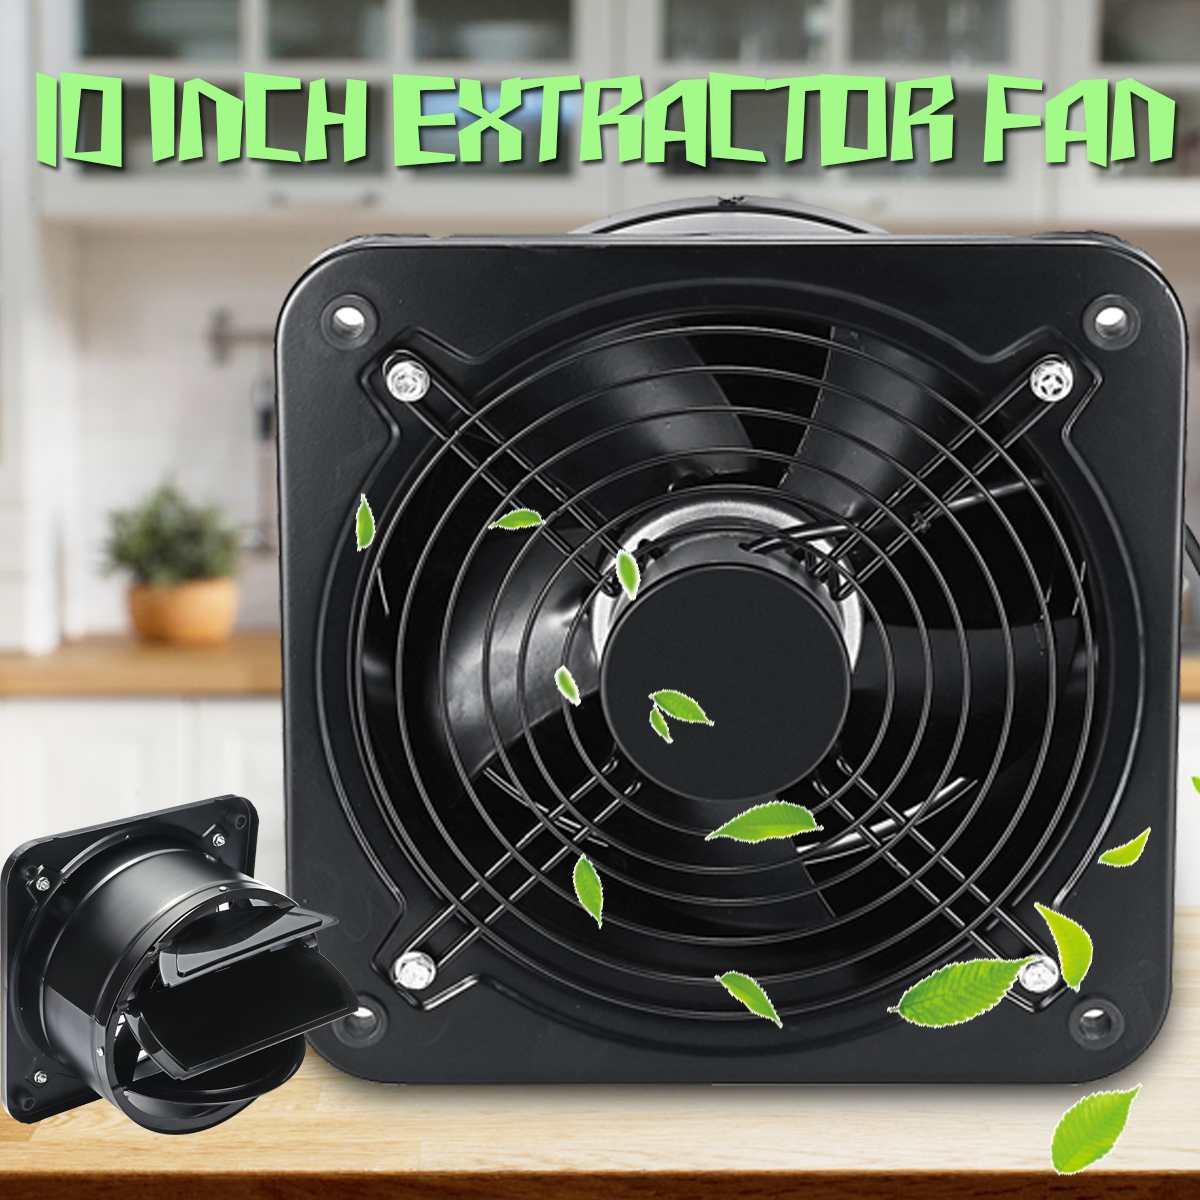 220V 10 Wall Window Extractor Ventilation Fan Low Noise Bathroom Kitchen Toilet High Speed Ventilator Industrial Exhaust Fan